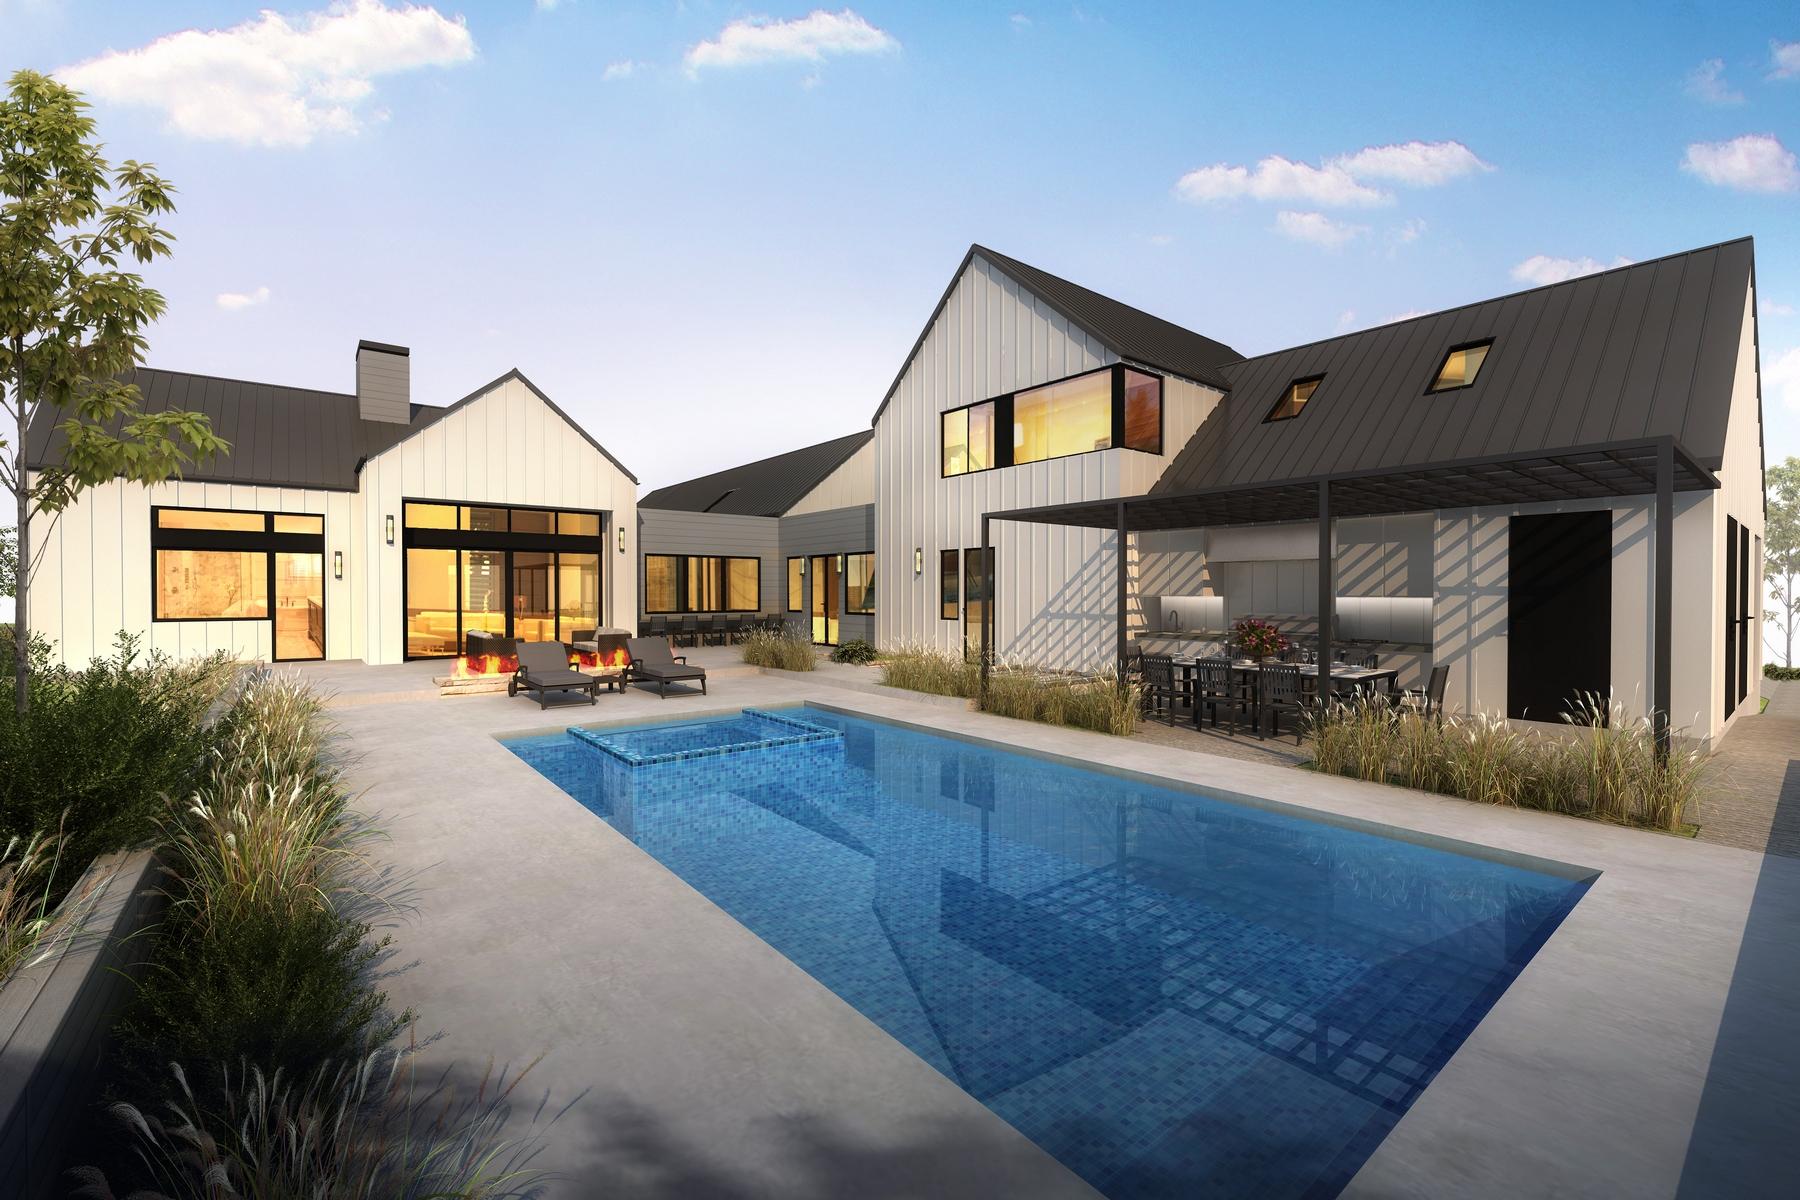 واحد منزل الأسرة للـ Sale في New Modern Farmhouse 280 Jespersen Ln San Luis Obispo, California, 93401 United States